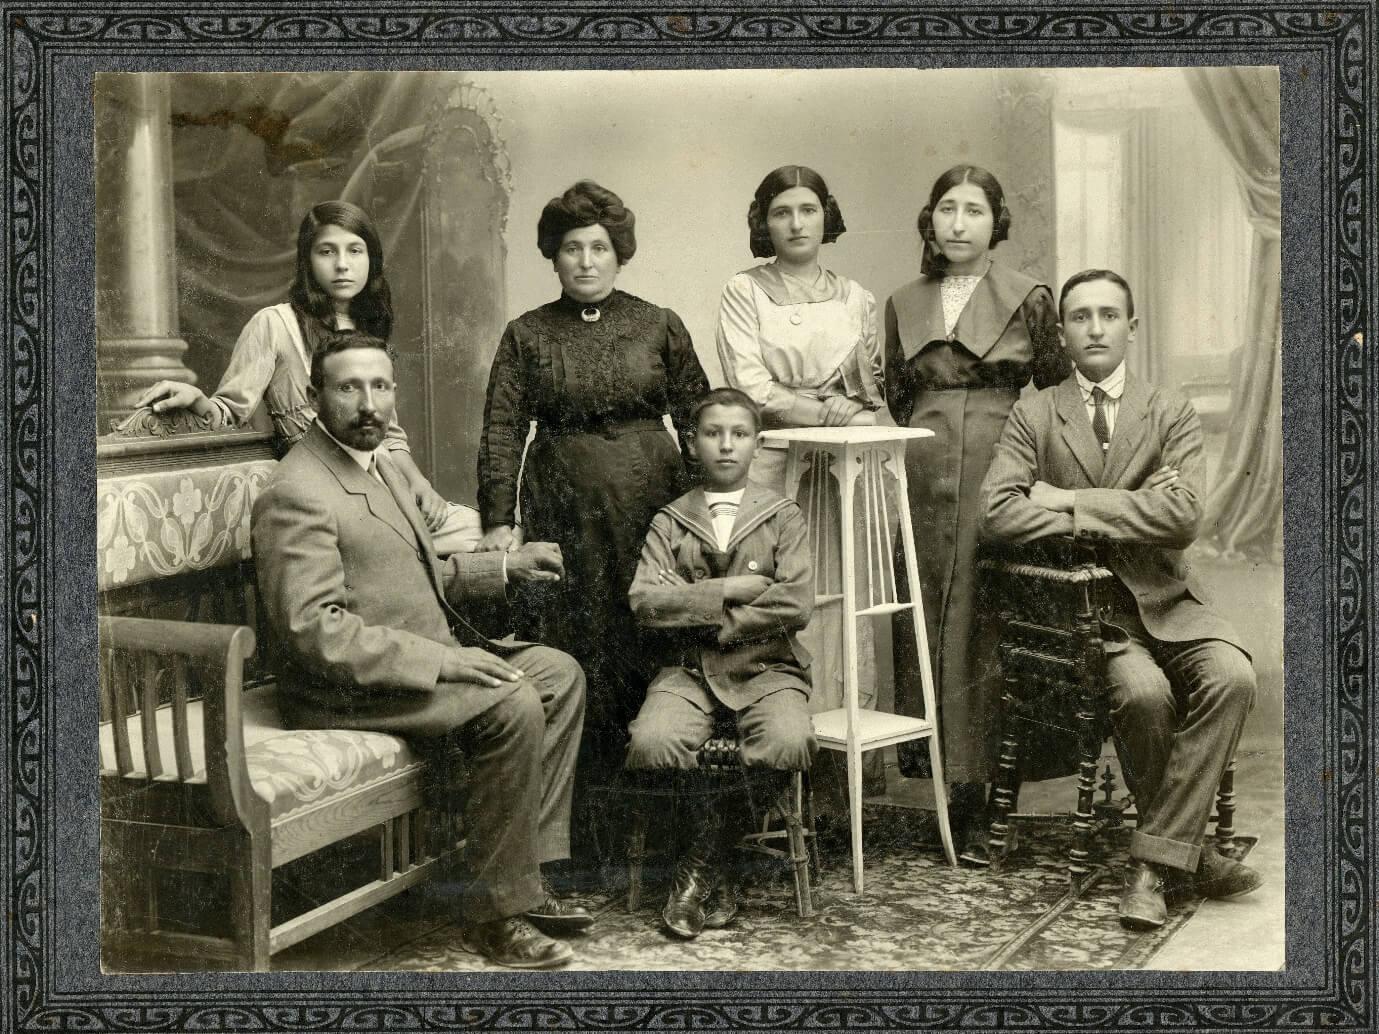 משפחת שטיינברג (מיכל וגיטה)